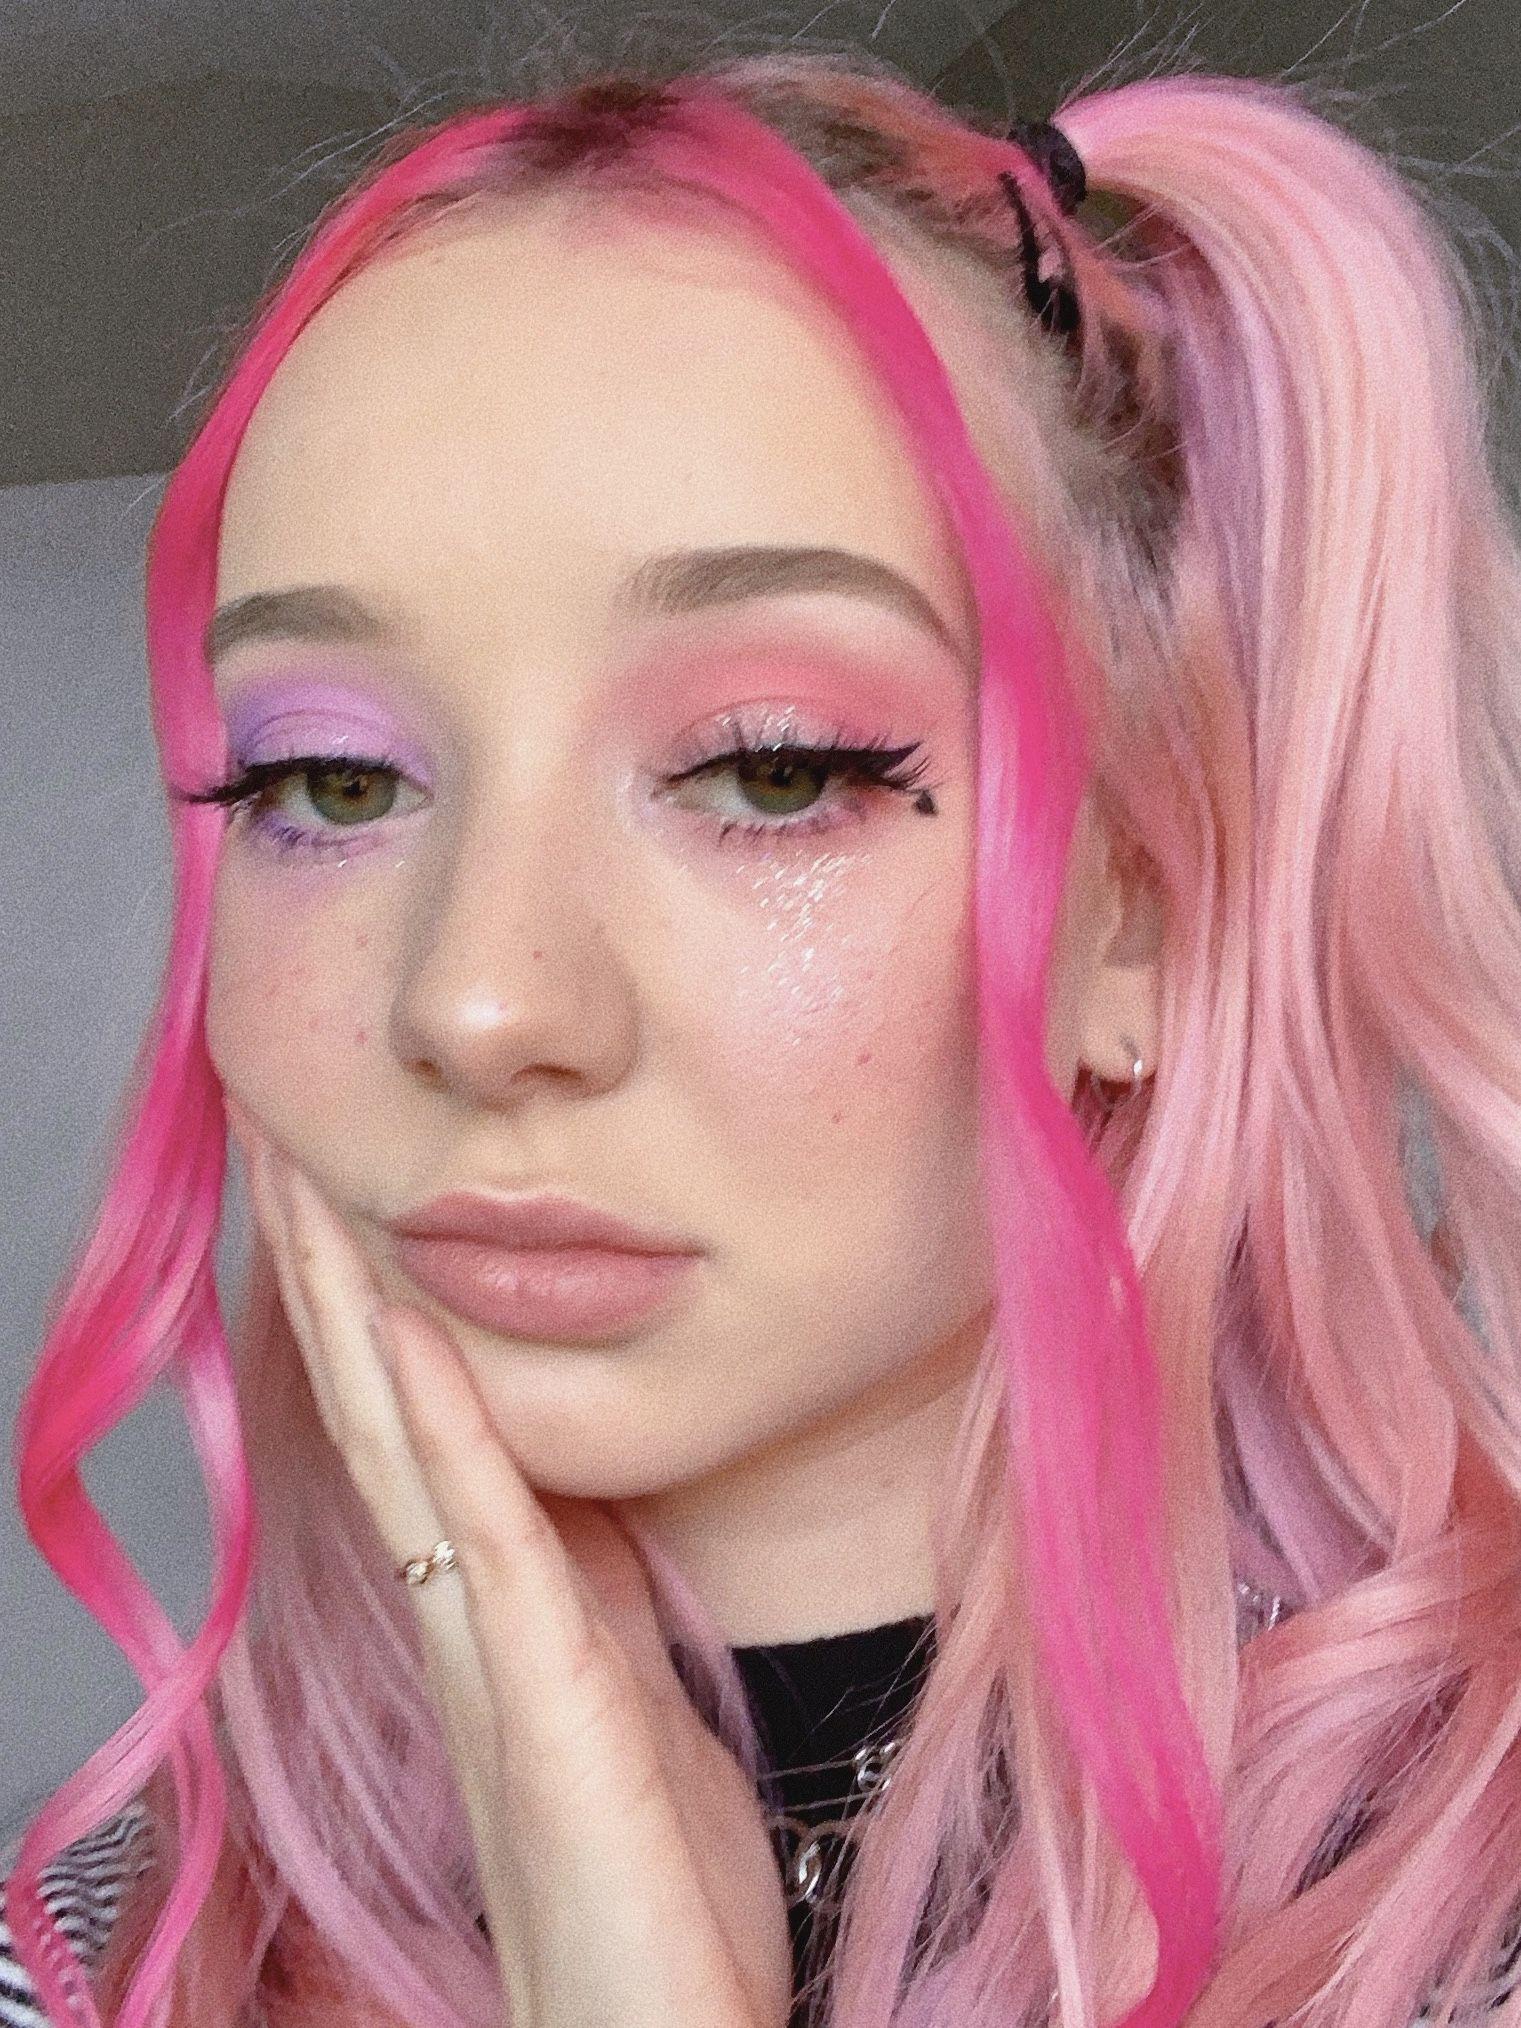 Maddy Gundersen Tik Tok Maddygundersen Tik Tiktok Tiktokgirl Tiktokgirlaesthetic Tiktokgirlhair Tiktokgir In 2020 Makeup Inspiration Rave Hair Girls Makeup